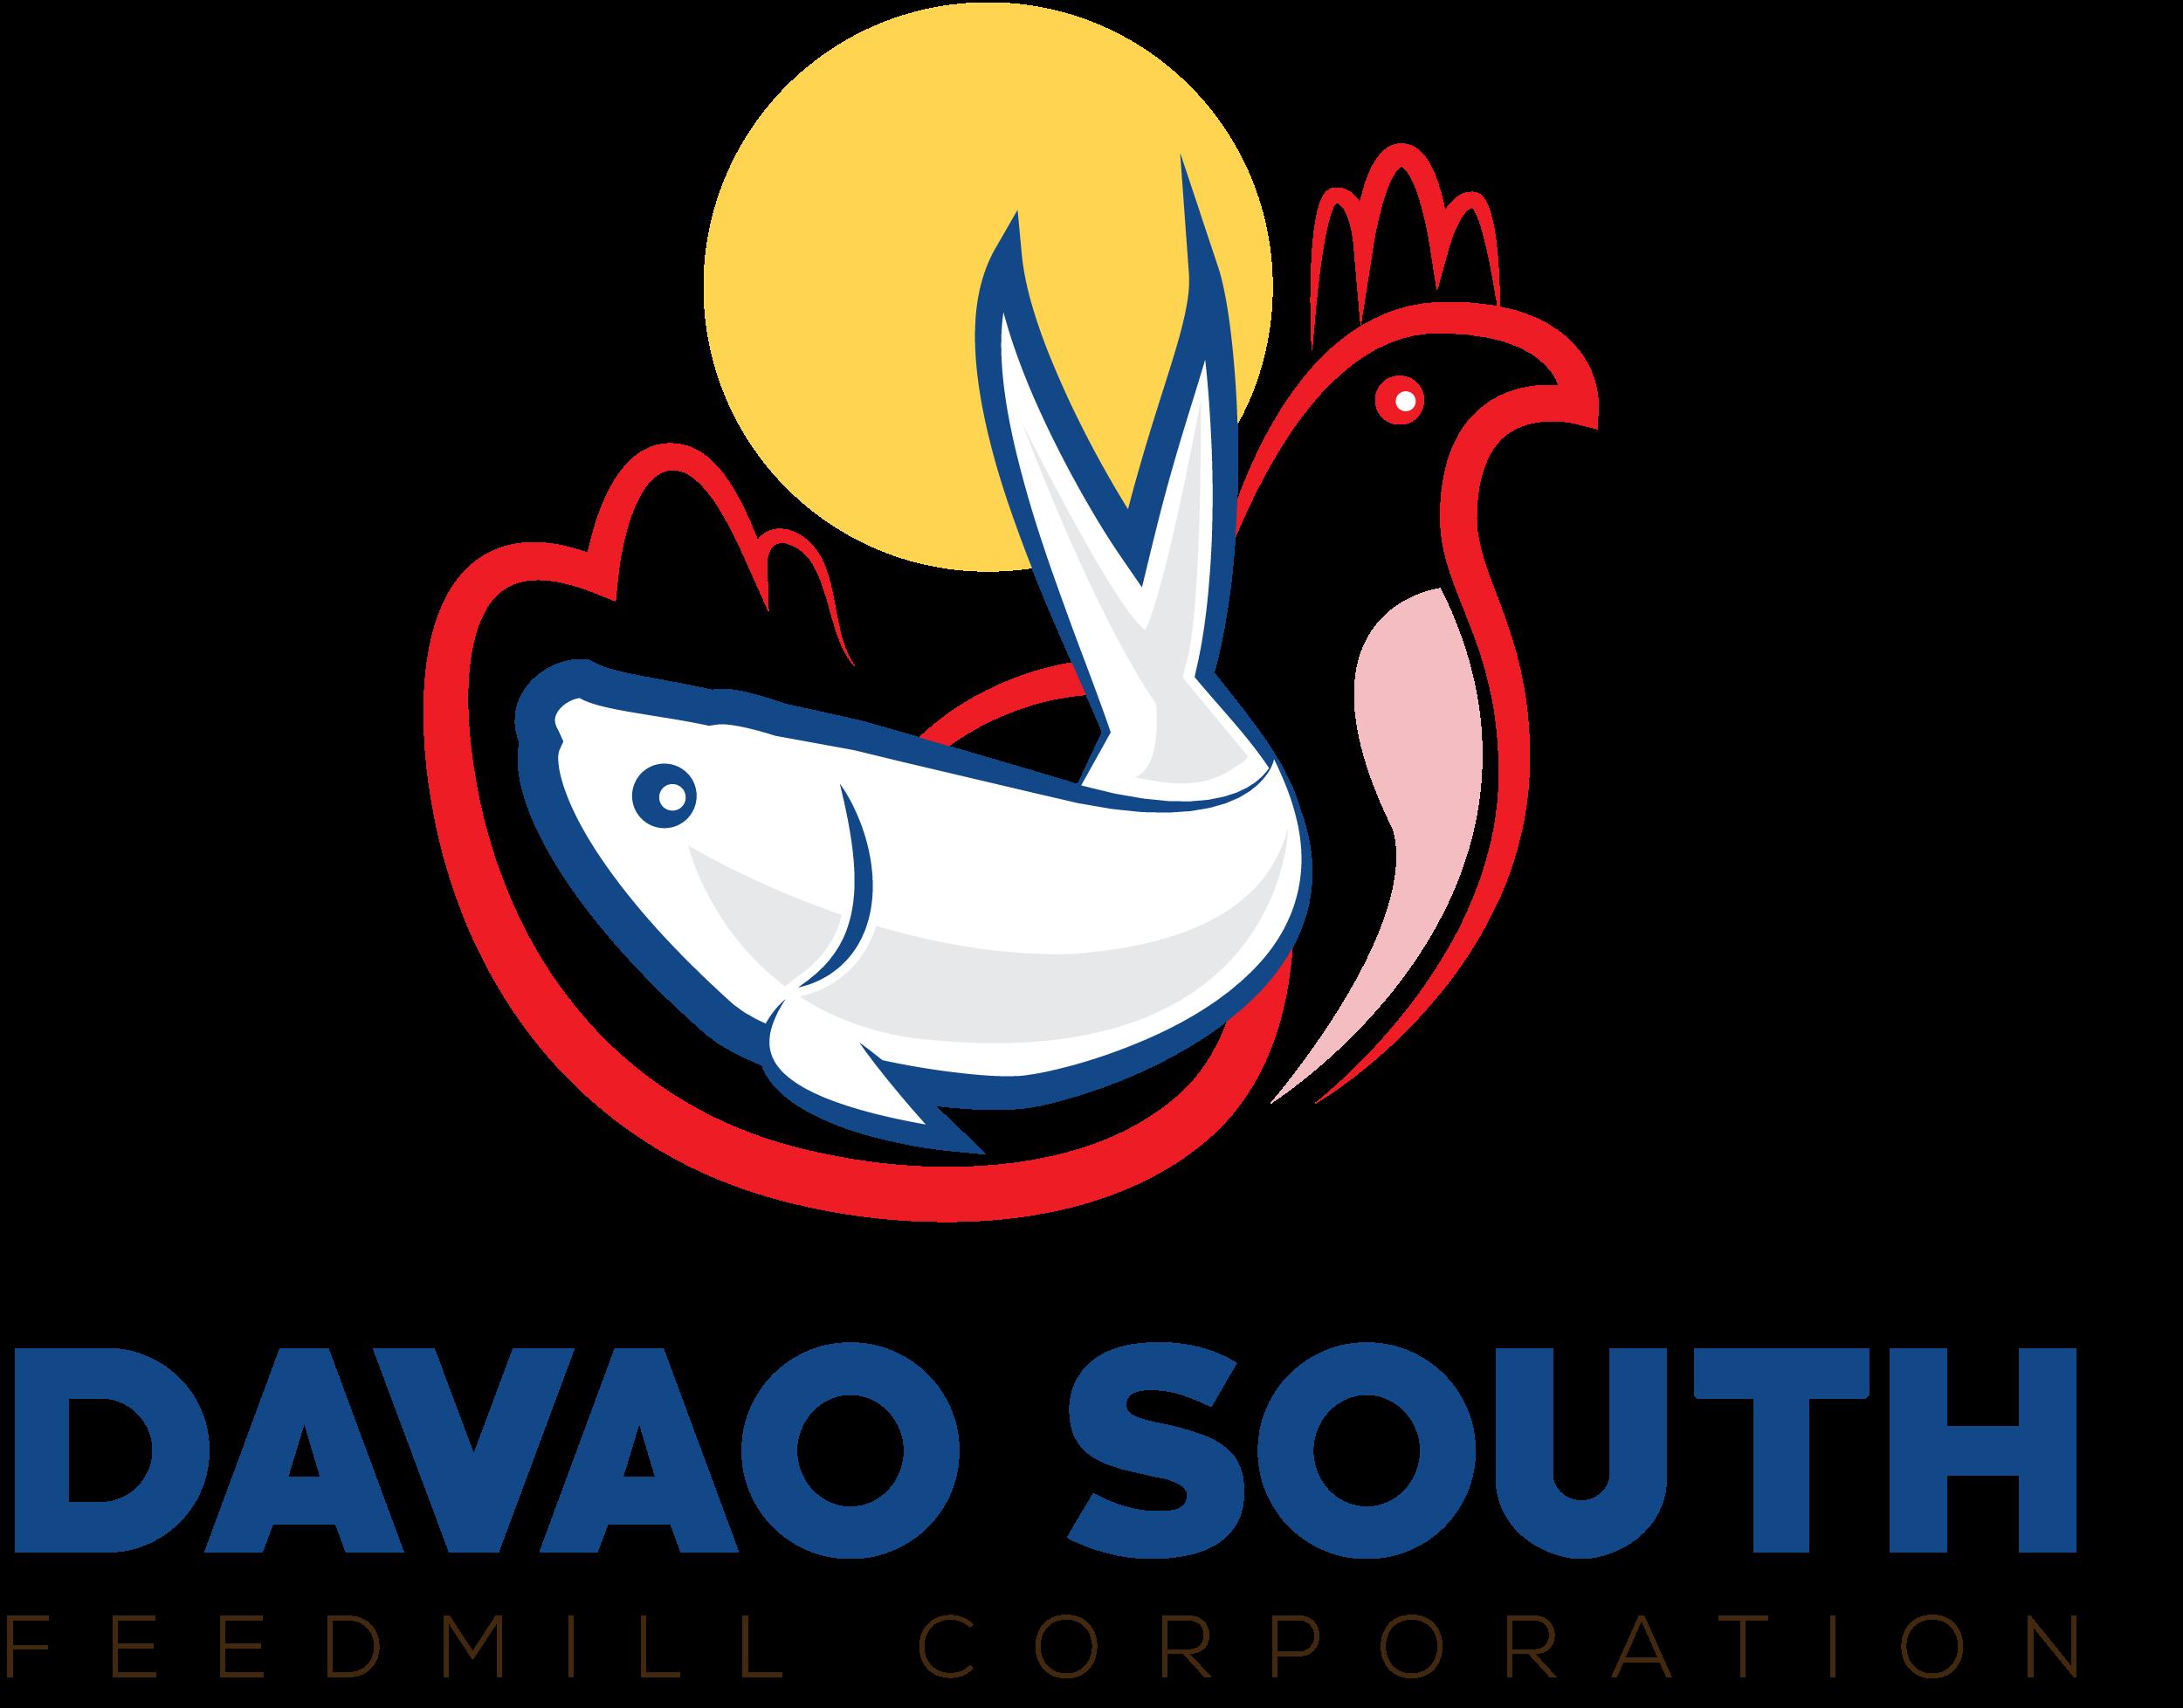 Davao South Feedmill Corporation